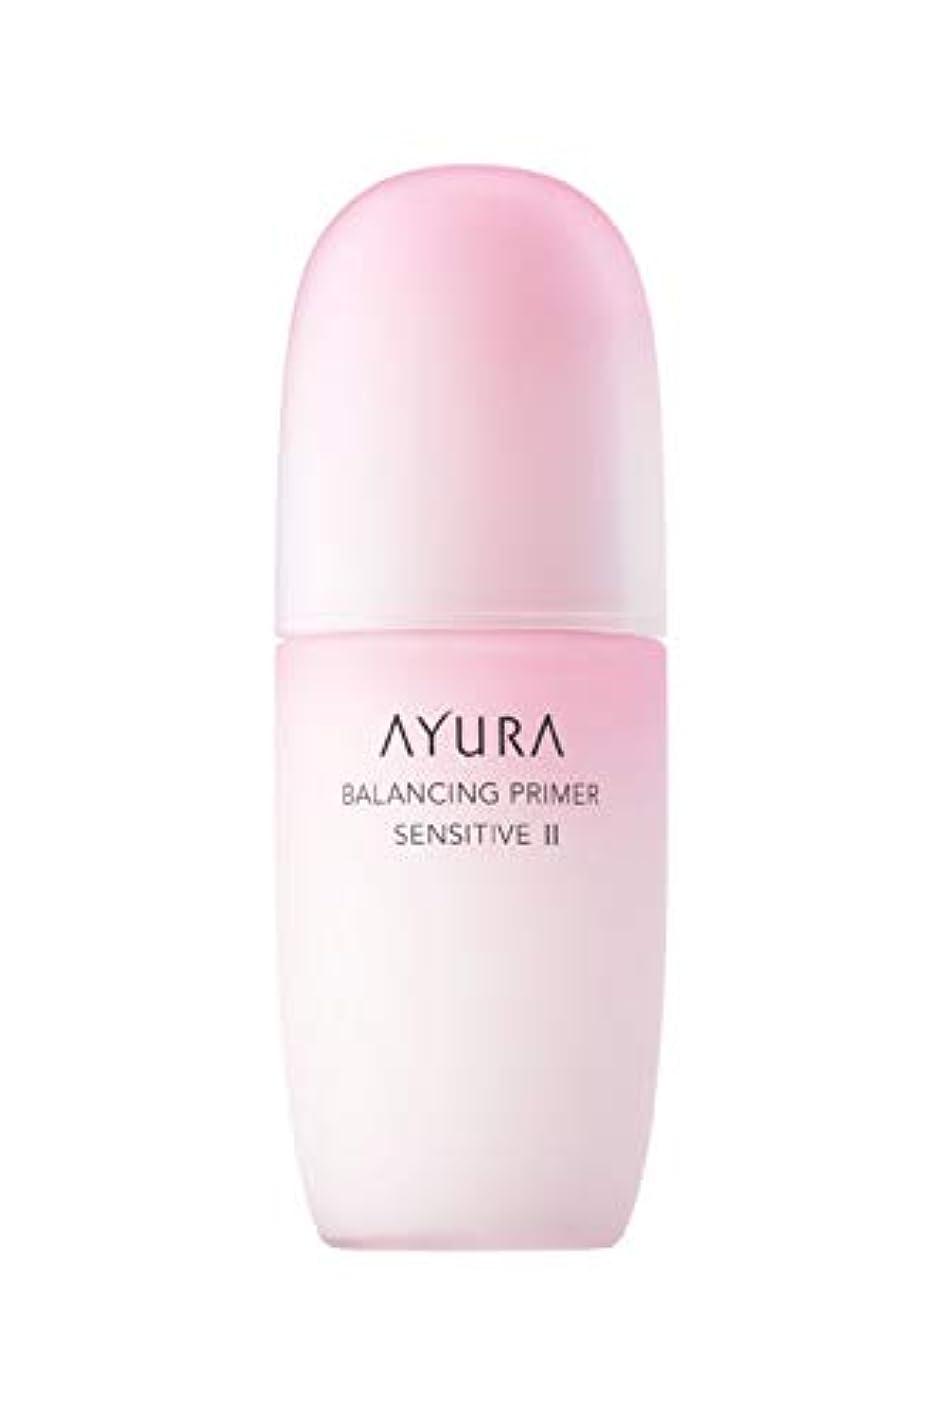 操作可能ペア政令アユーラ (AYURA) バランシング プライマー センシティブ Ⅱ (医薬部外品) < 化粧液 > 100mL しっとりうるおい 健やかなやわらか肌へ コクのある ミルクタイプ 敏感肌用